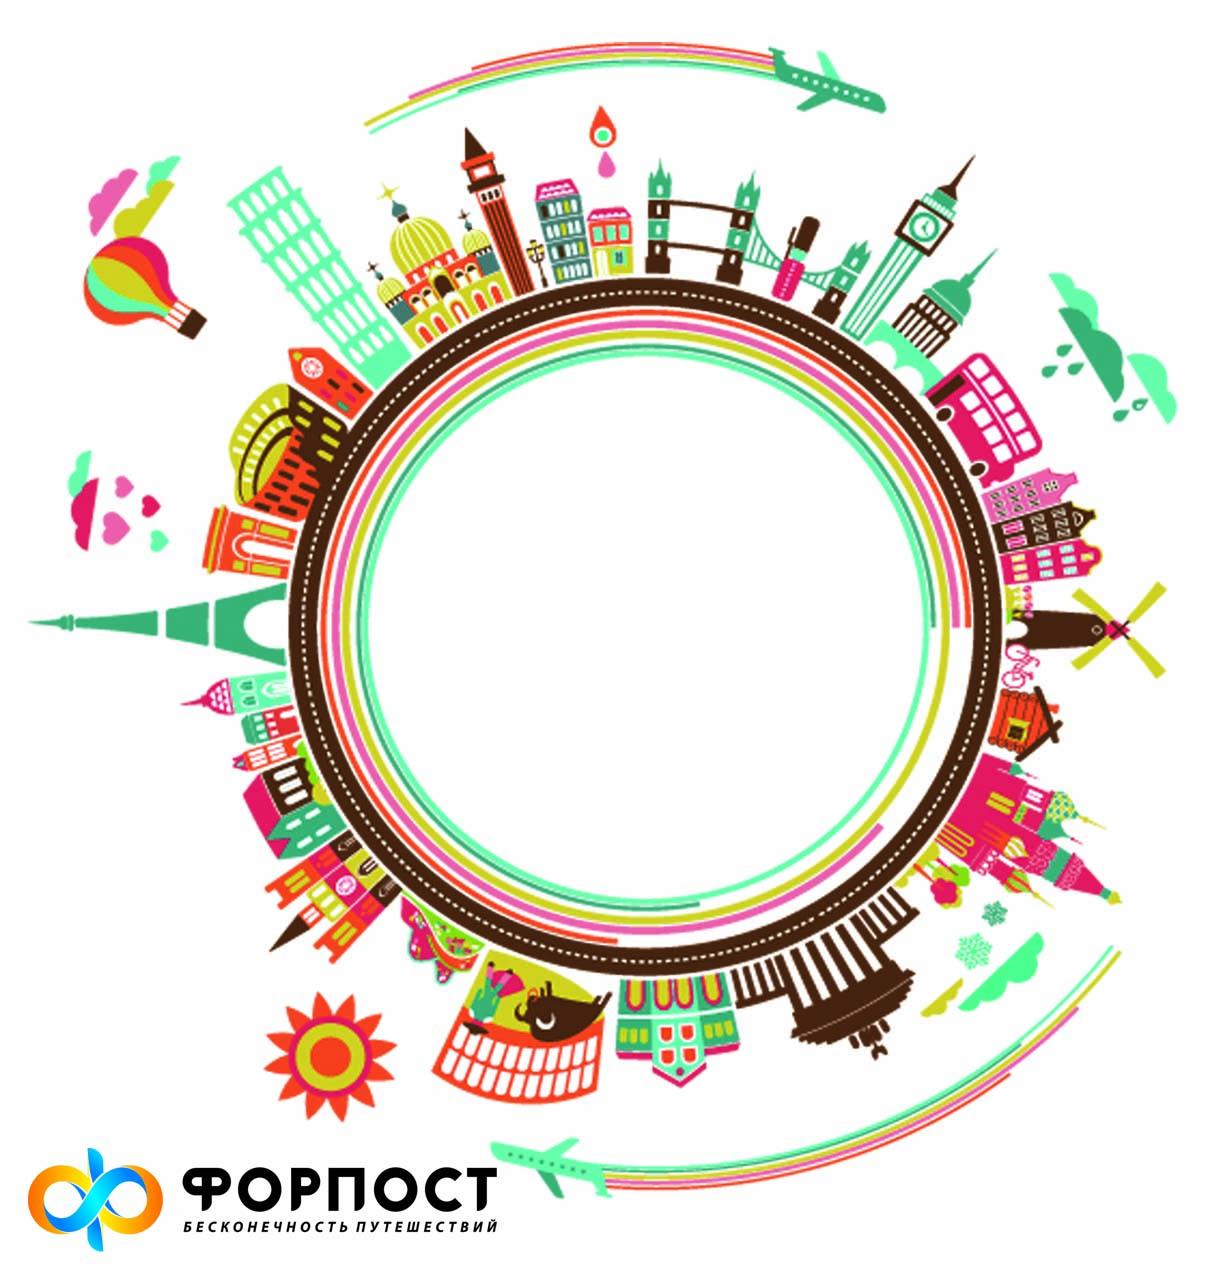 Дизайн флаера на прозрачном пластике фото f_4455b9b55c305a8b.jpg